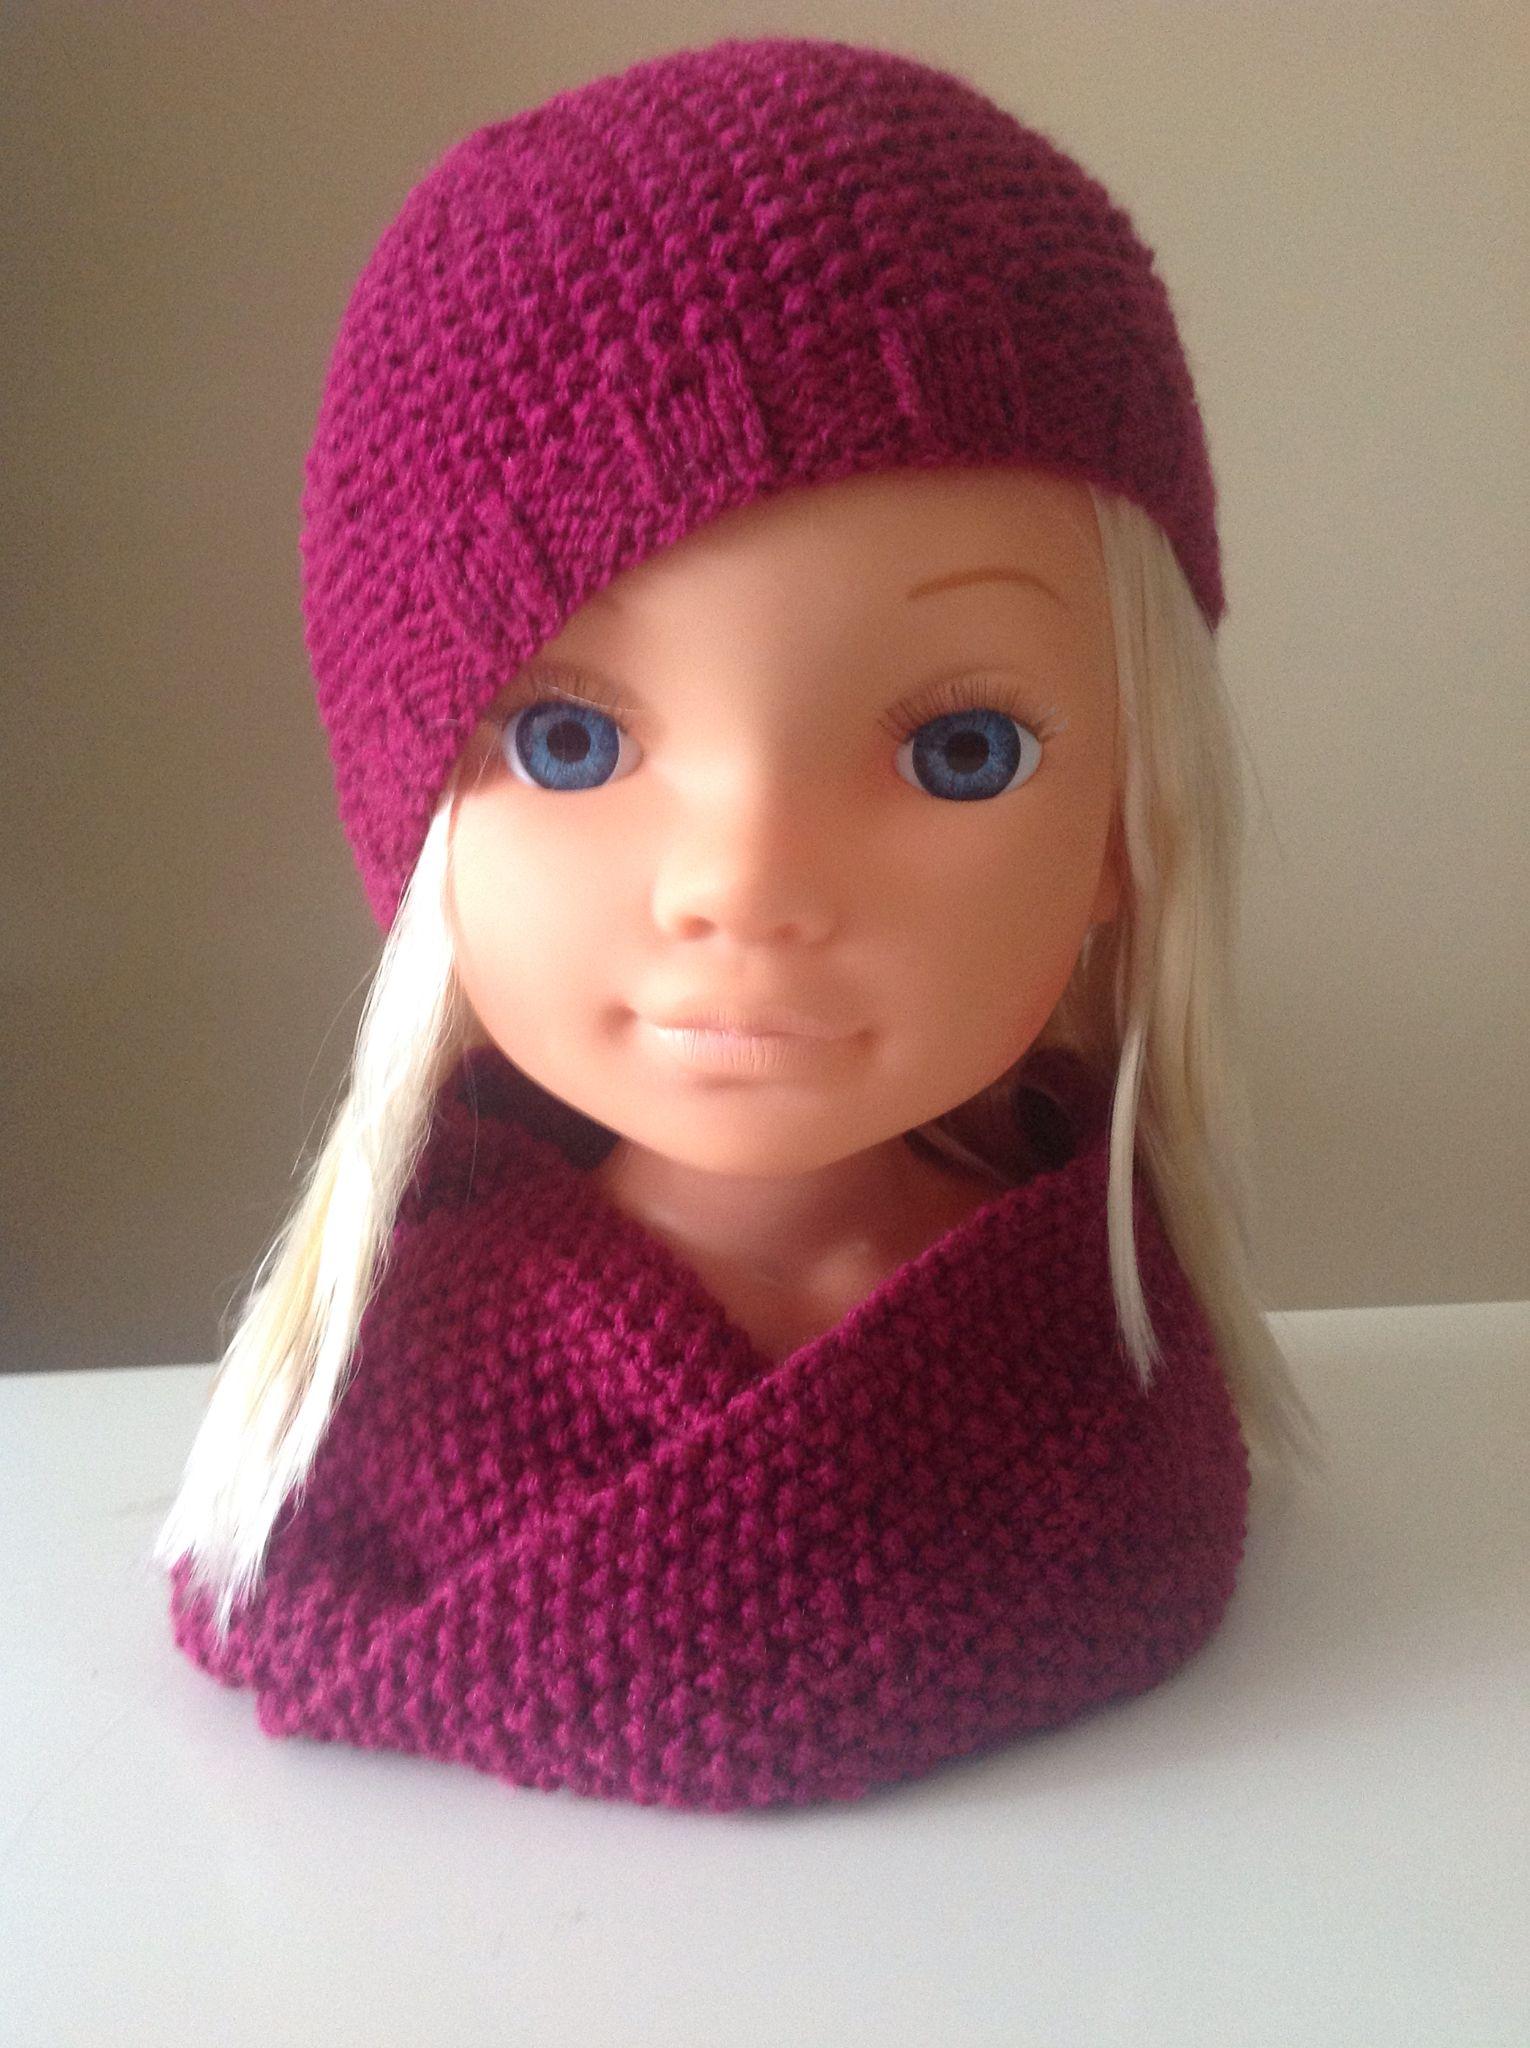 Fascinante tienda Sur oeste  Gorro y cuello de lana para niña | Crochet hats, Crochet, Girl fashion